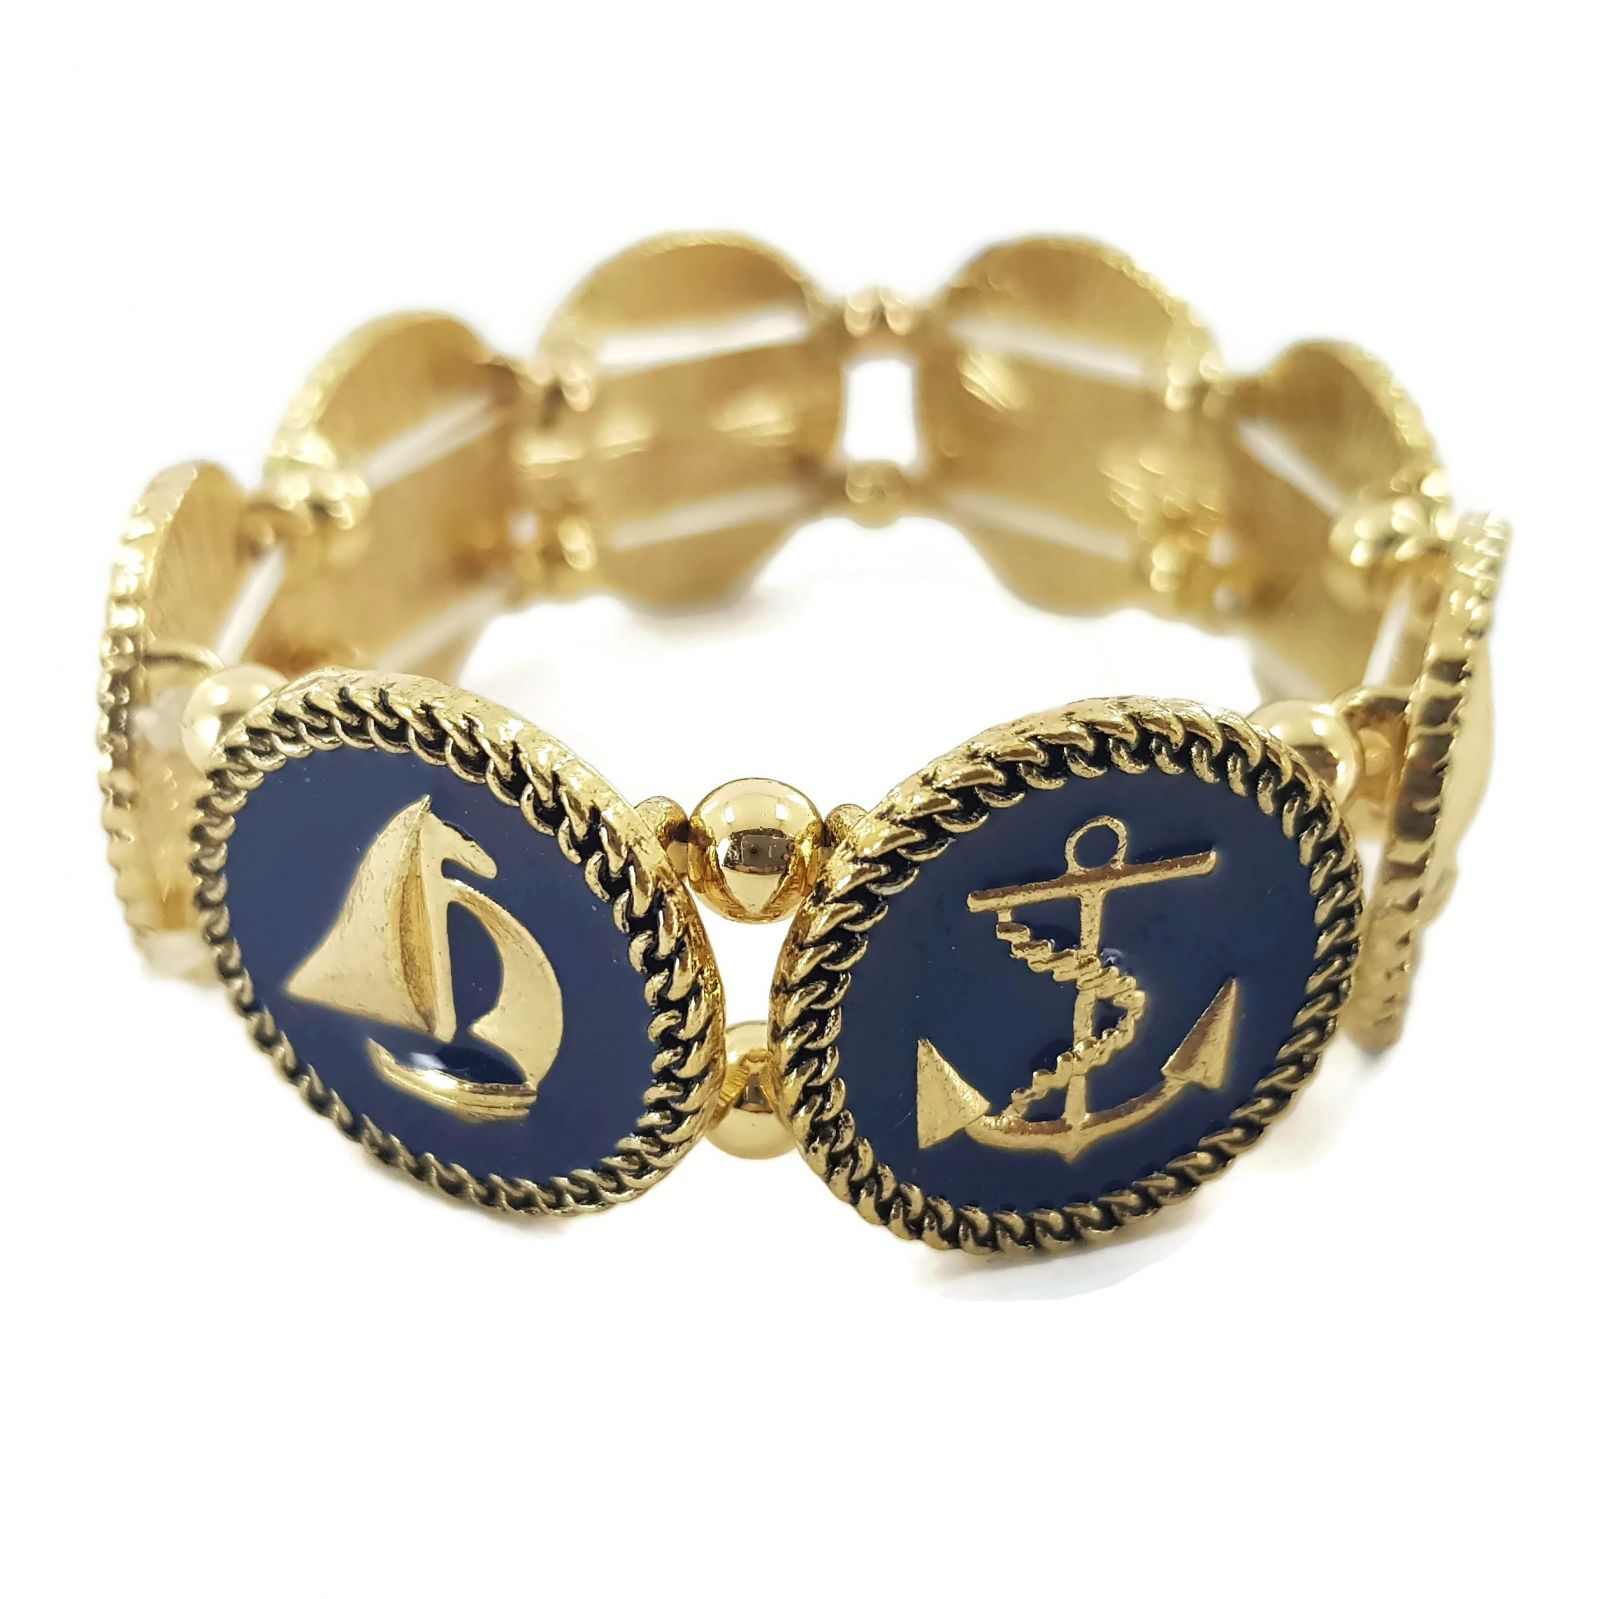 Zlatý náramek s kotvou a plachetnicí GIIL